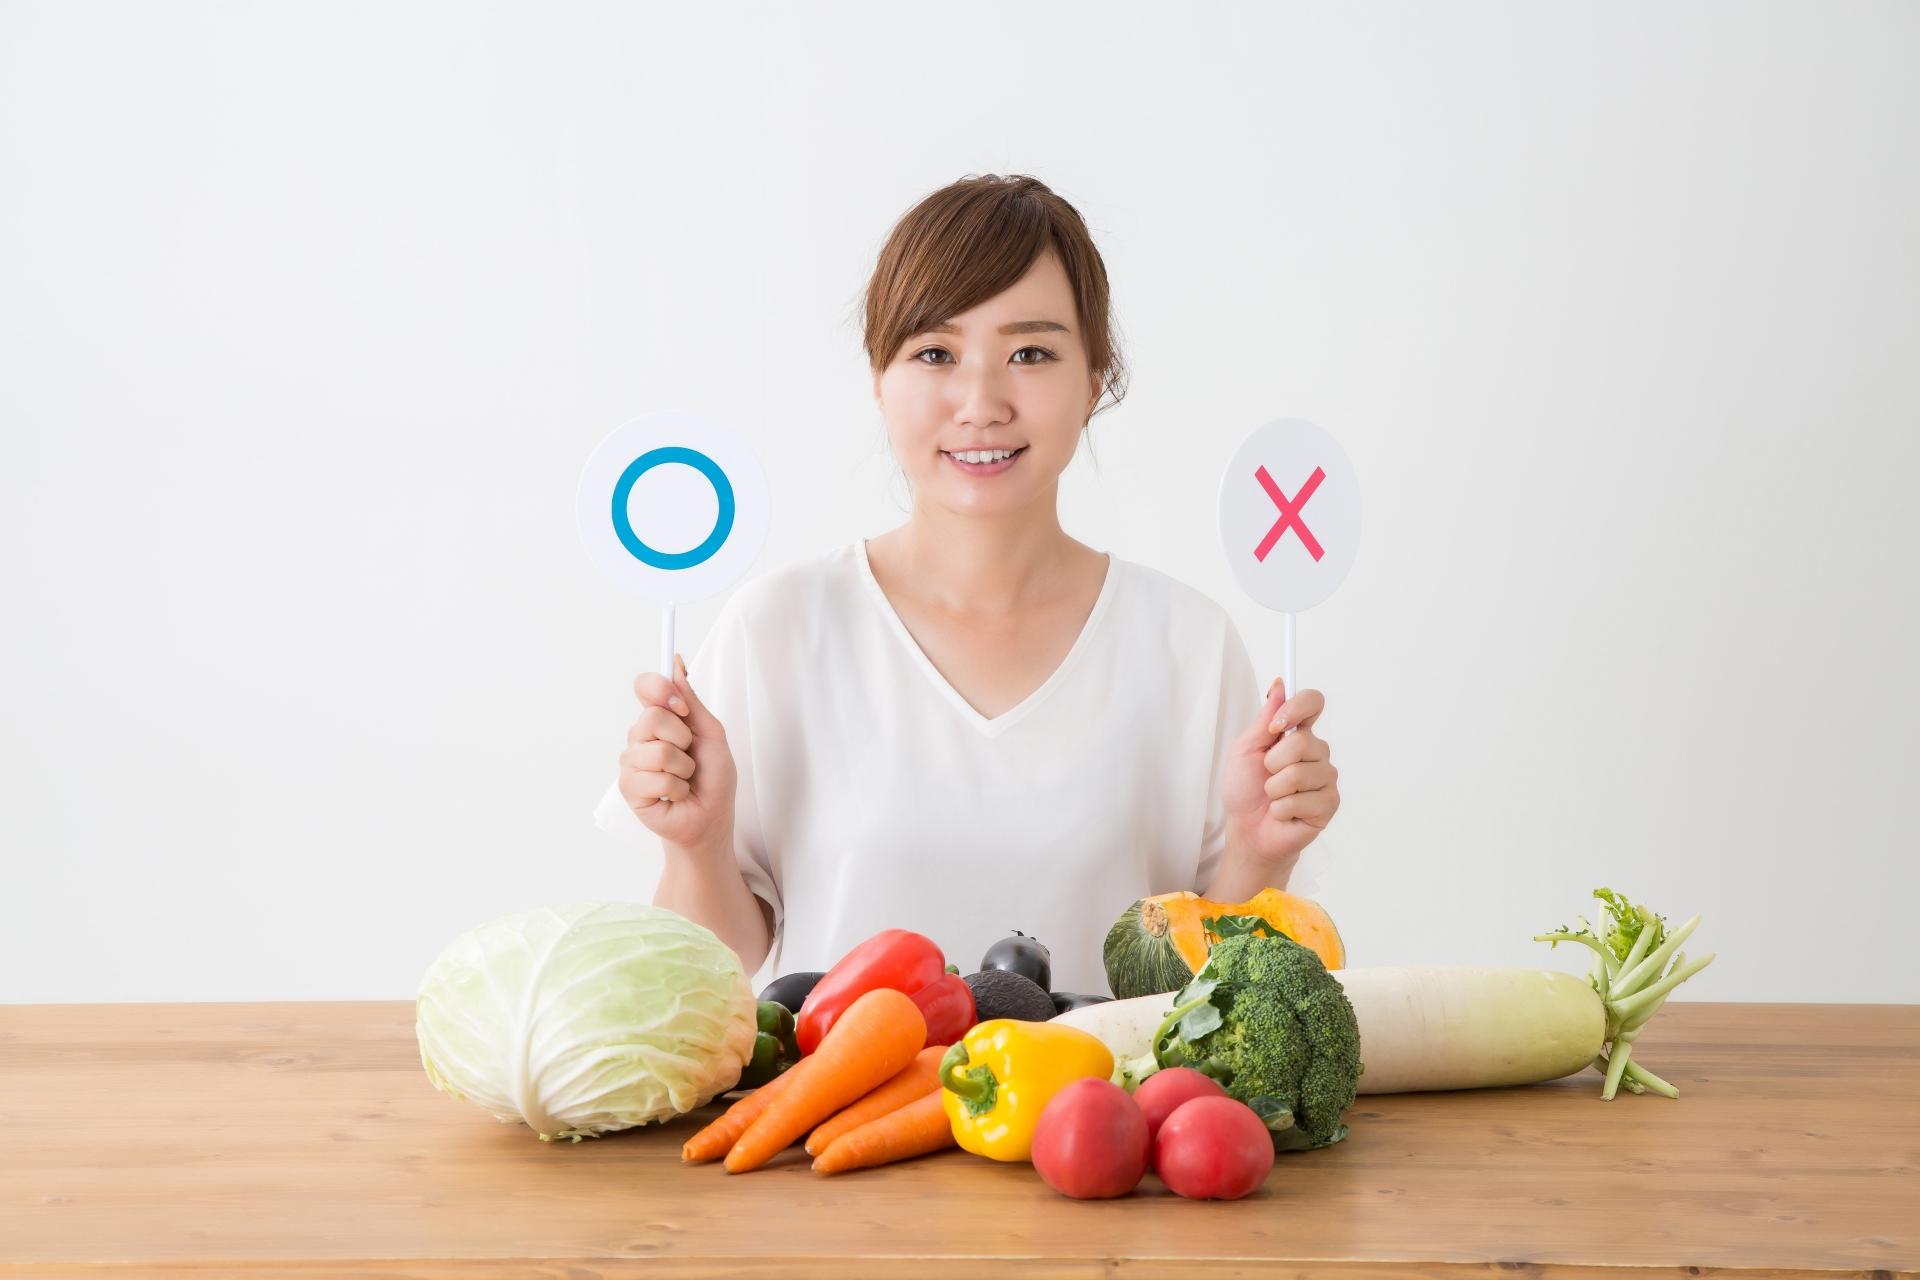 食品を選ぶ